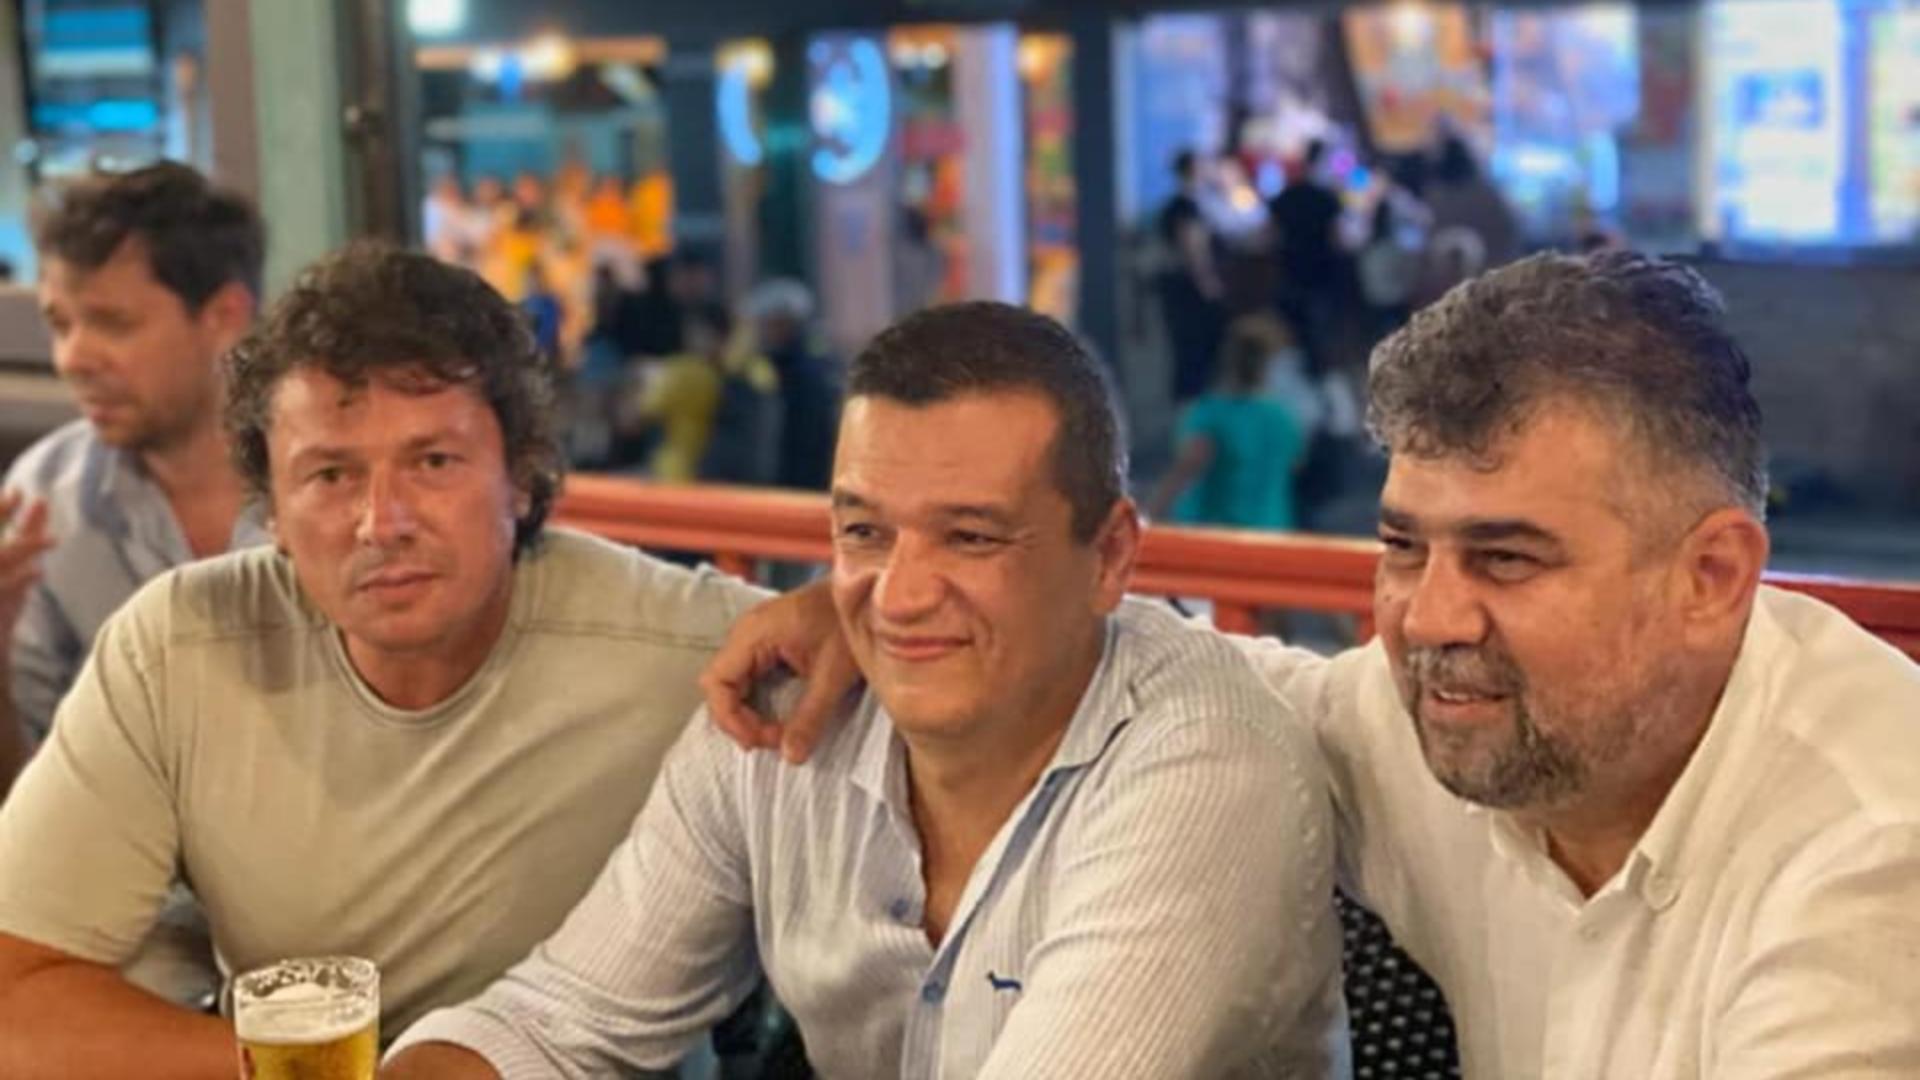 Marcel Ciolacu și Sorin Grindeanu la o terasă, în Vama Veche / Foto: Facebook Marcel Ciolacu